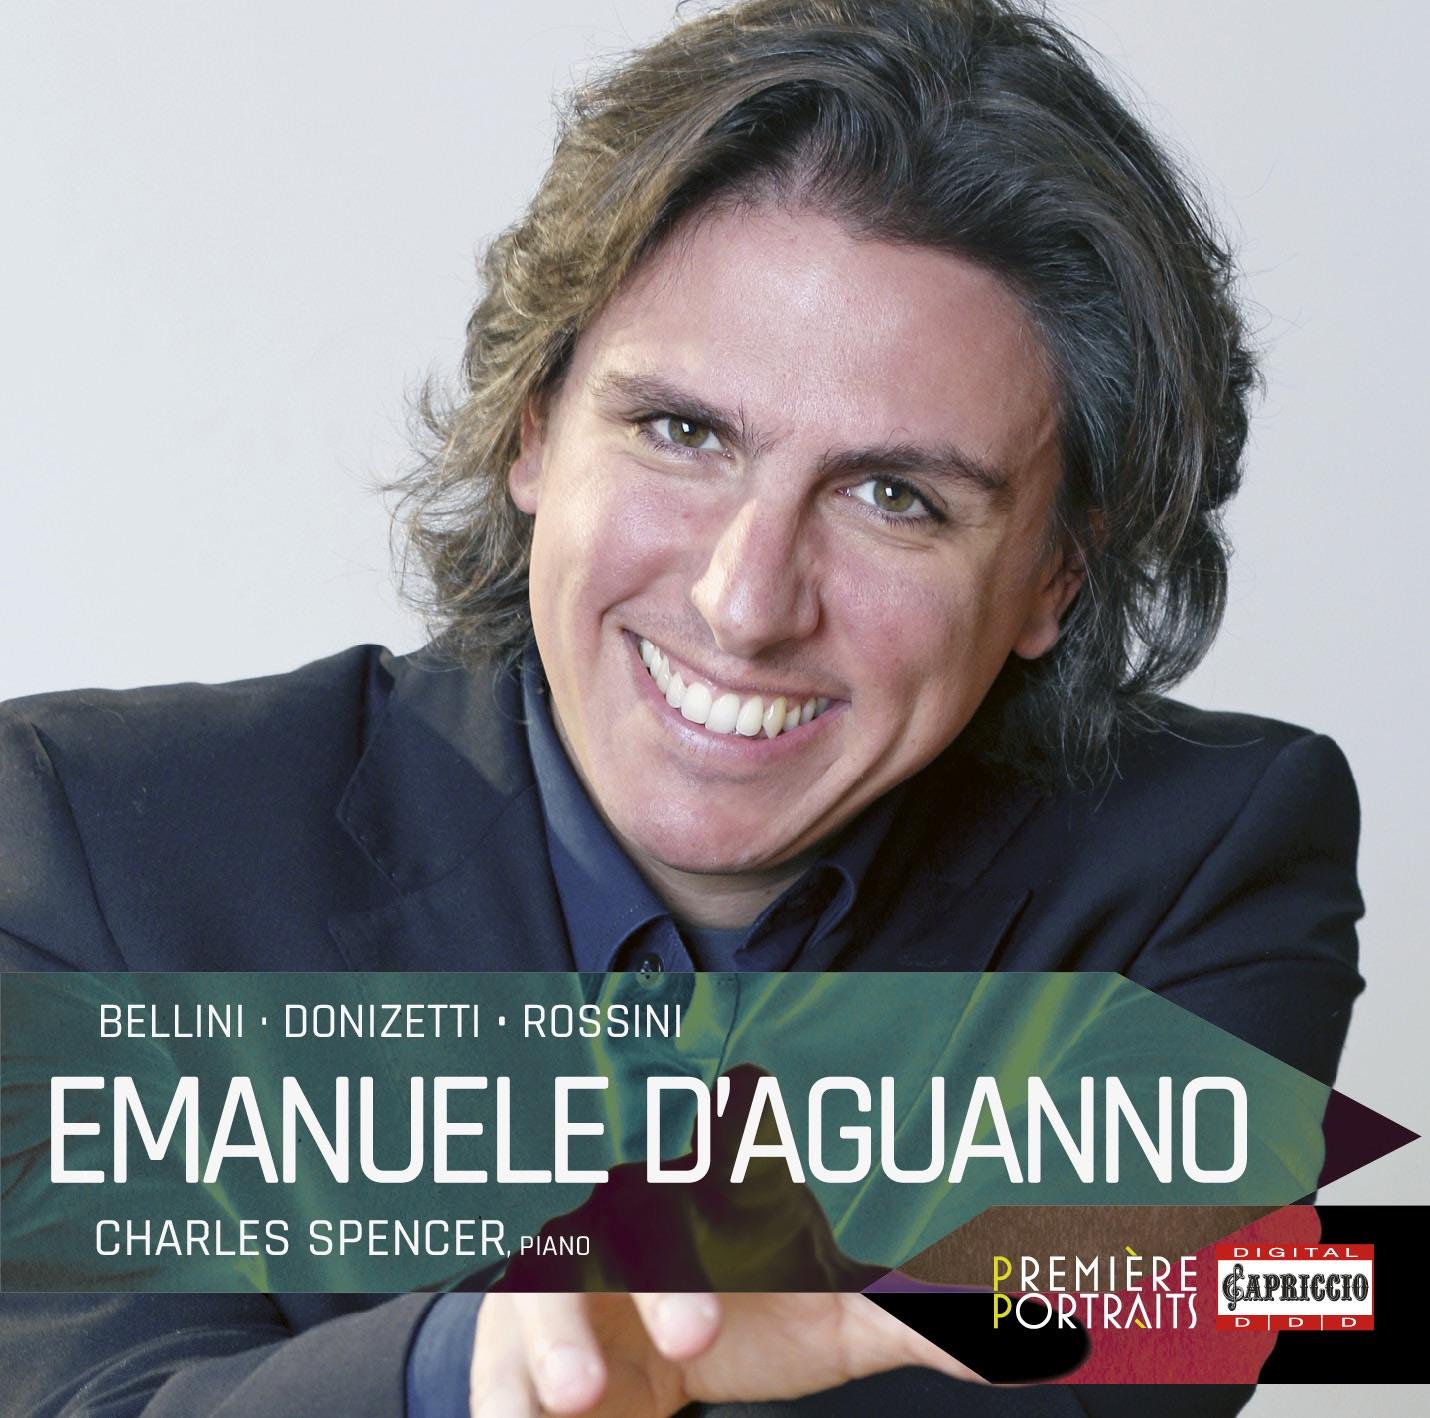 Bellini, Donizetti & Rossini: Works for Voice & Piano